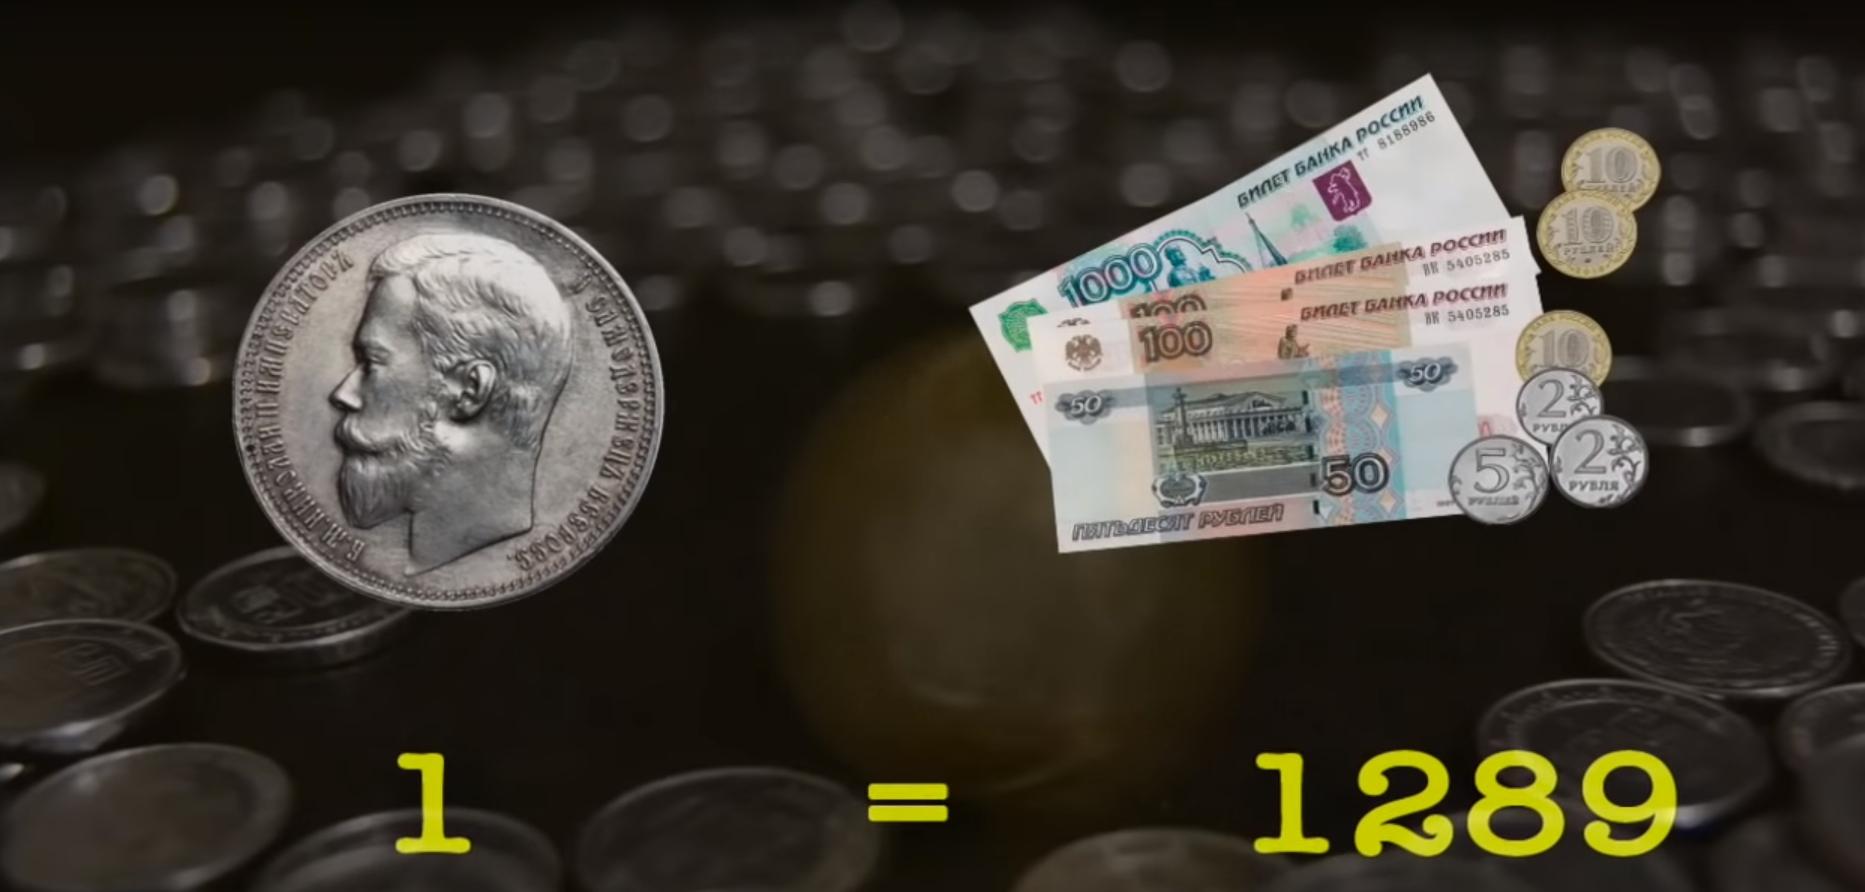 Цены и зарплаты в дореволюционной России